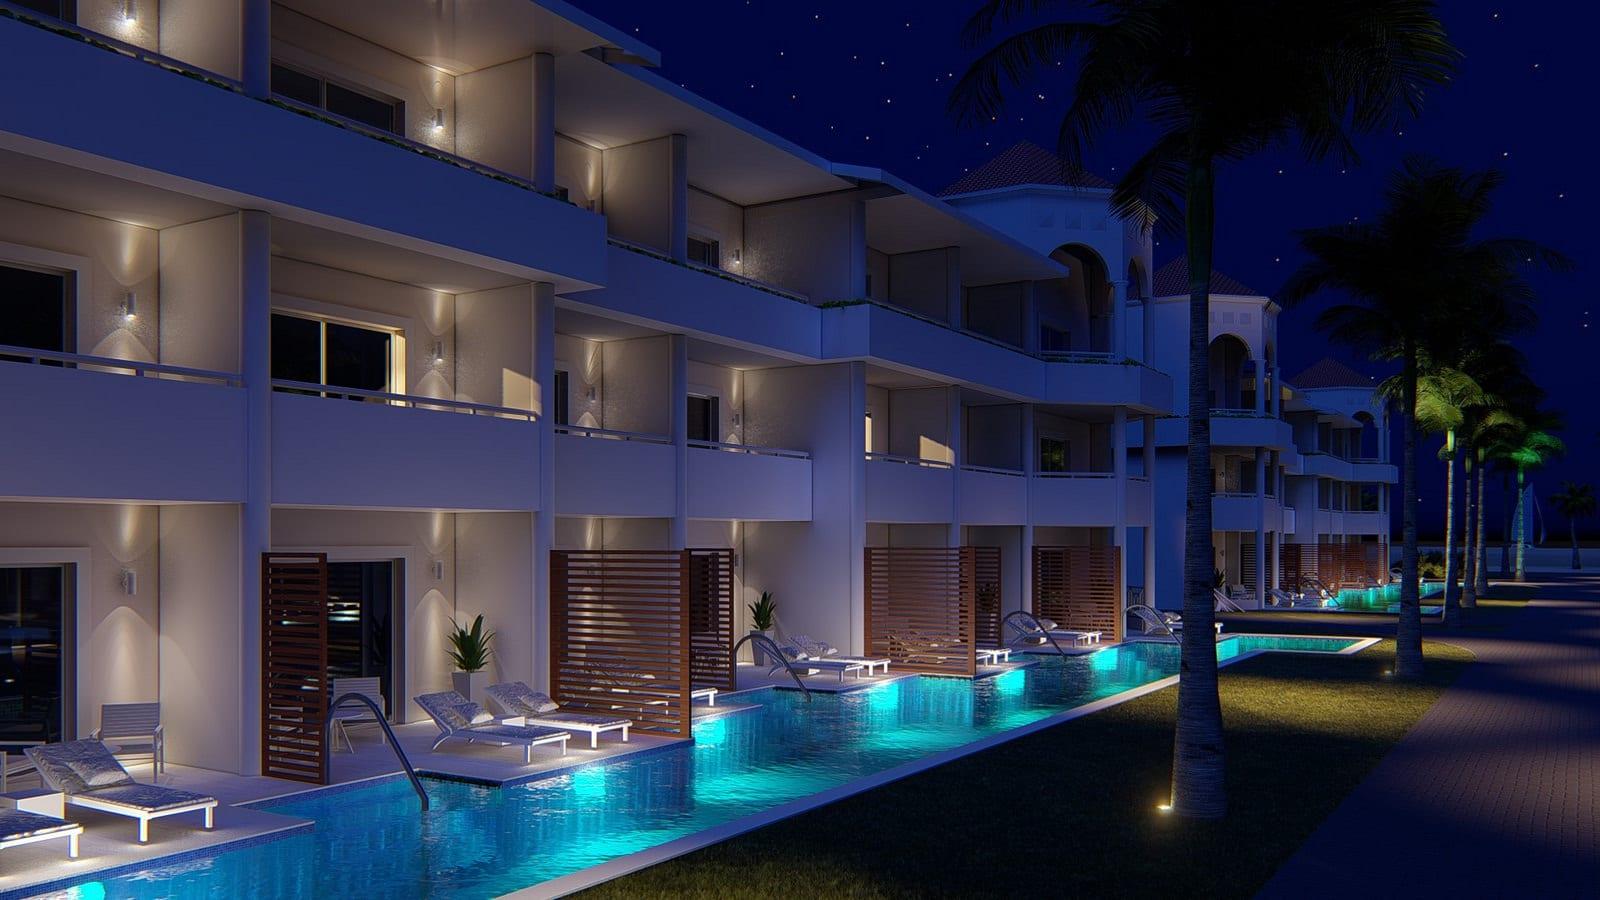 Rede Bahia Principe investe 26 milhões de euros na reforma do  Luxury Bahia Principe Ambar